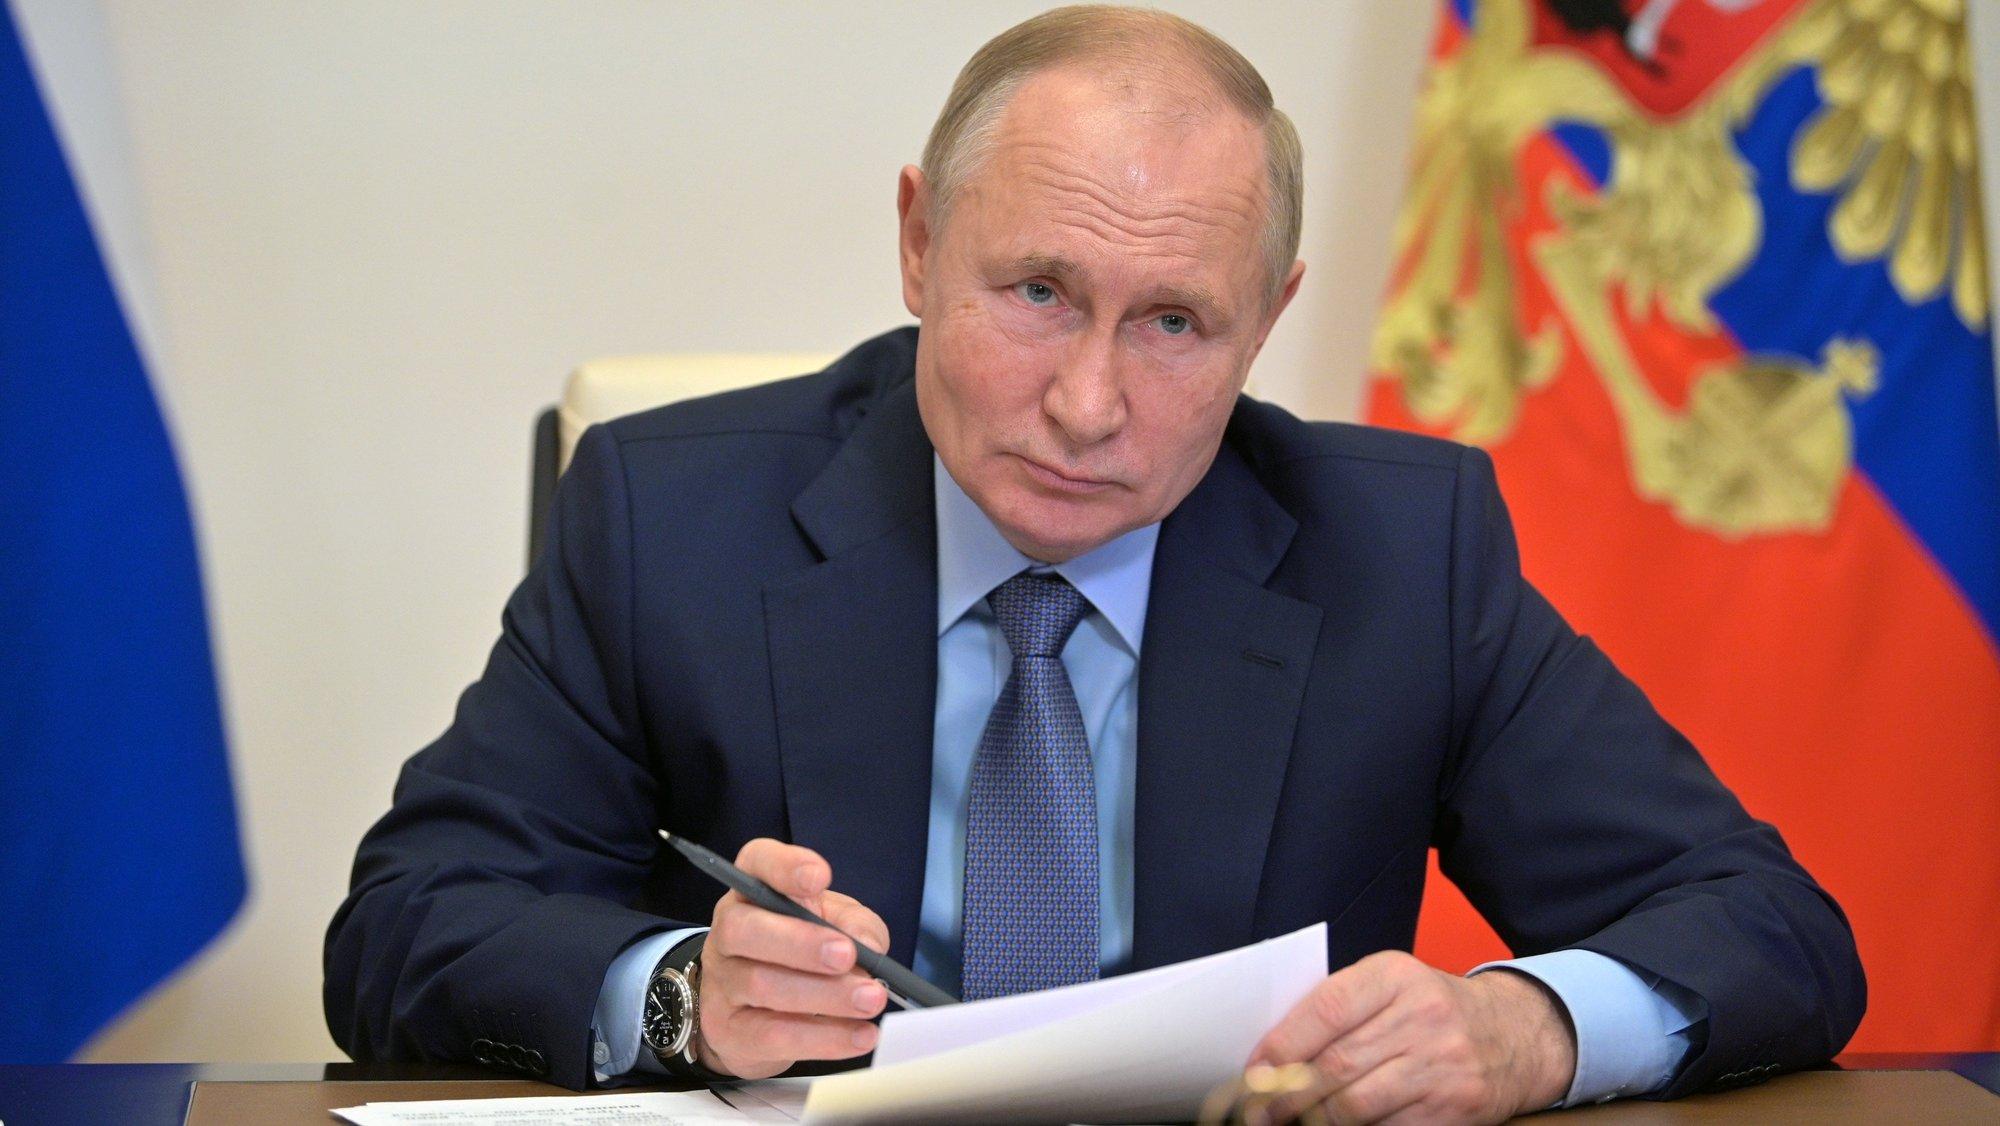 Presidente russo Vladimir Putin numa teleconferência com membros do governo